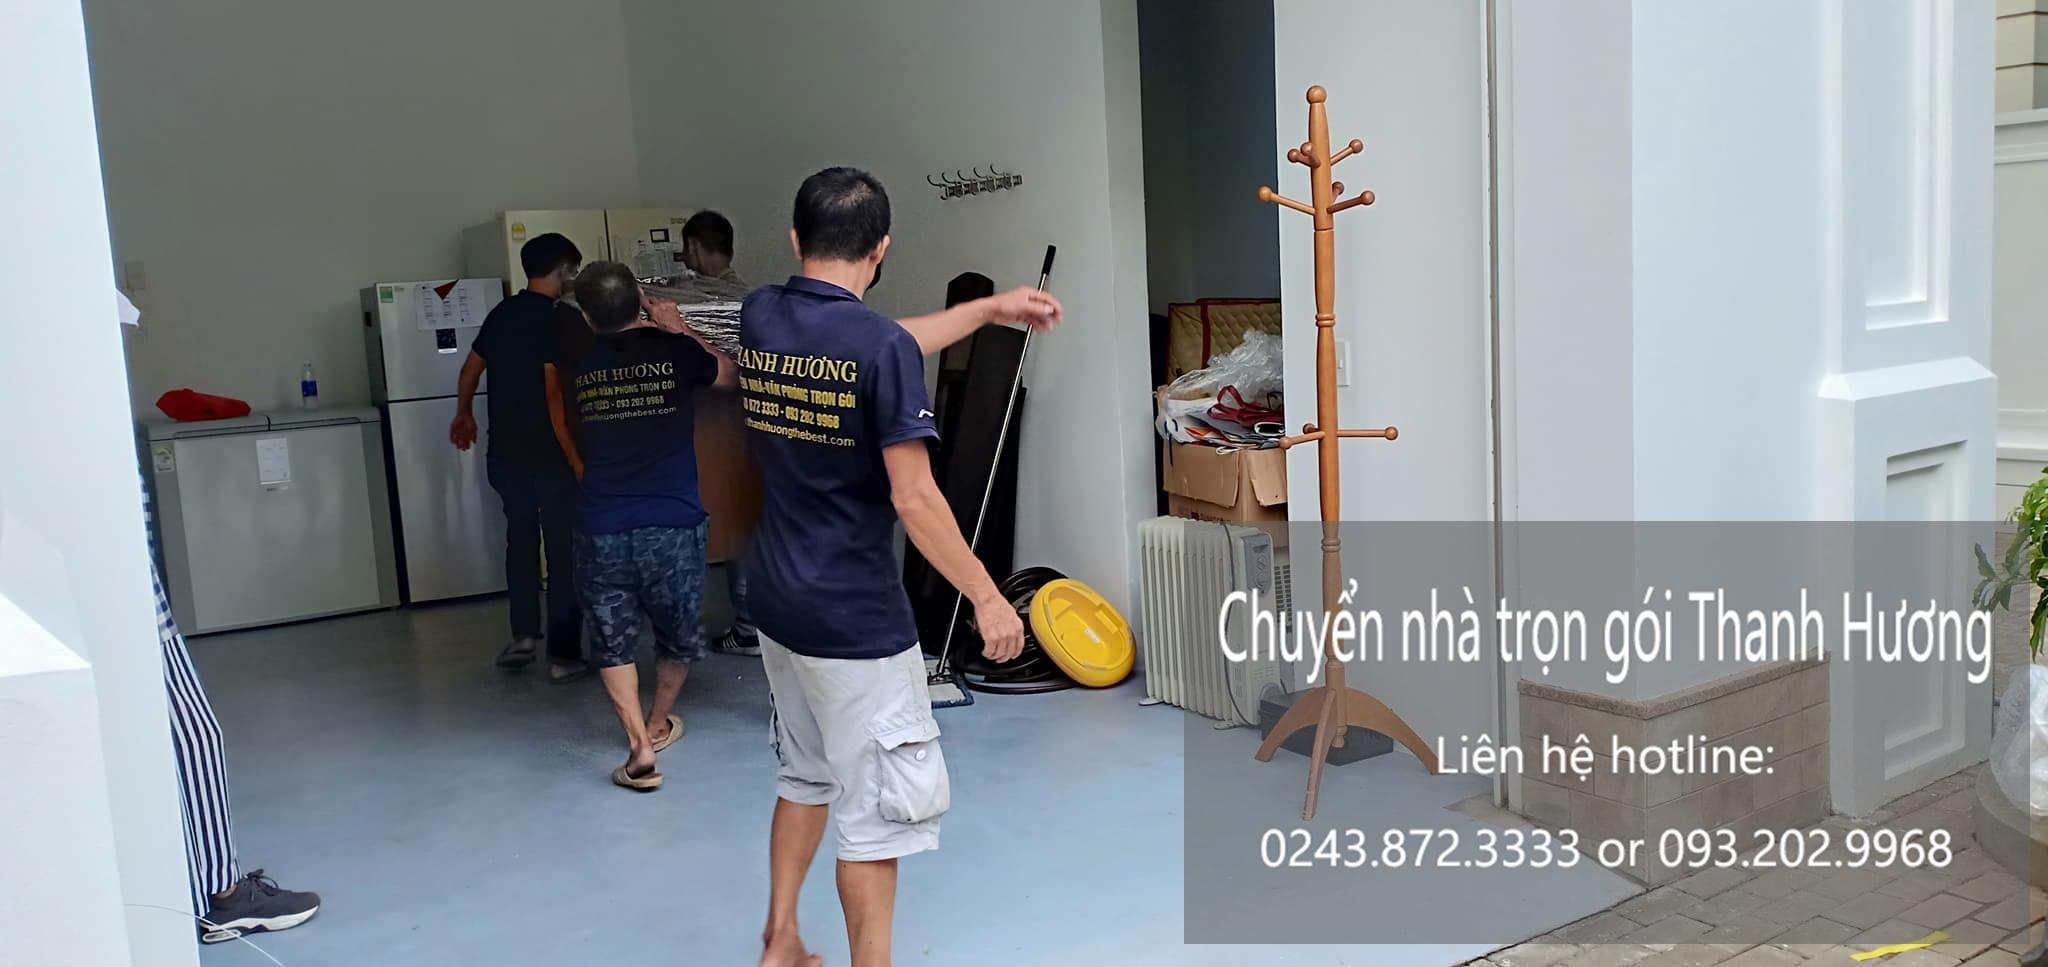 Dịch vụ chuyển nhà trọn gói tại phường Vĩnh Hưng